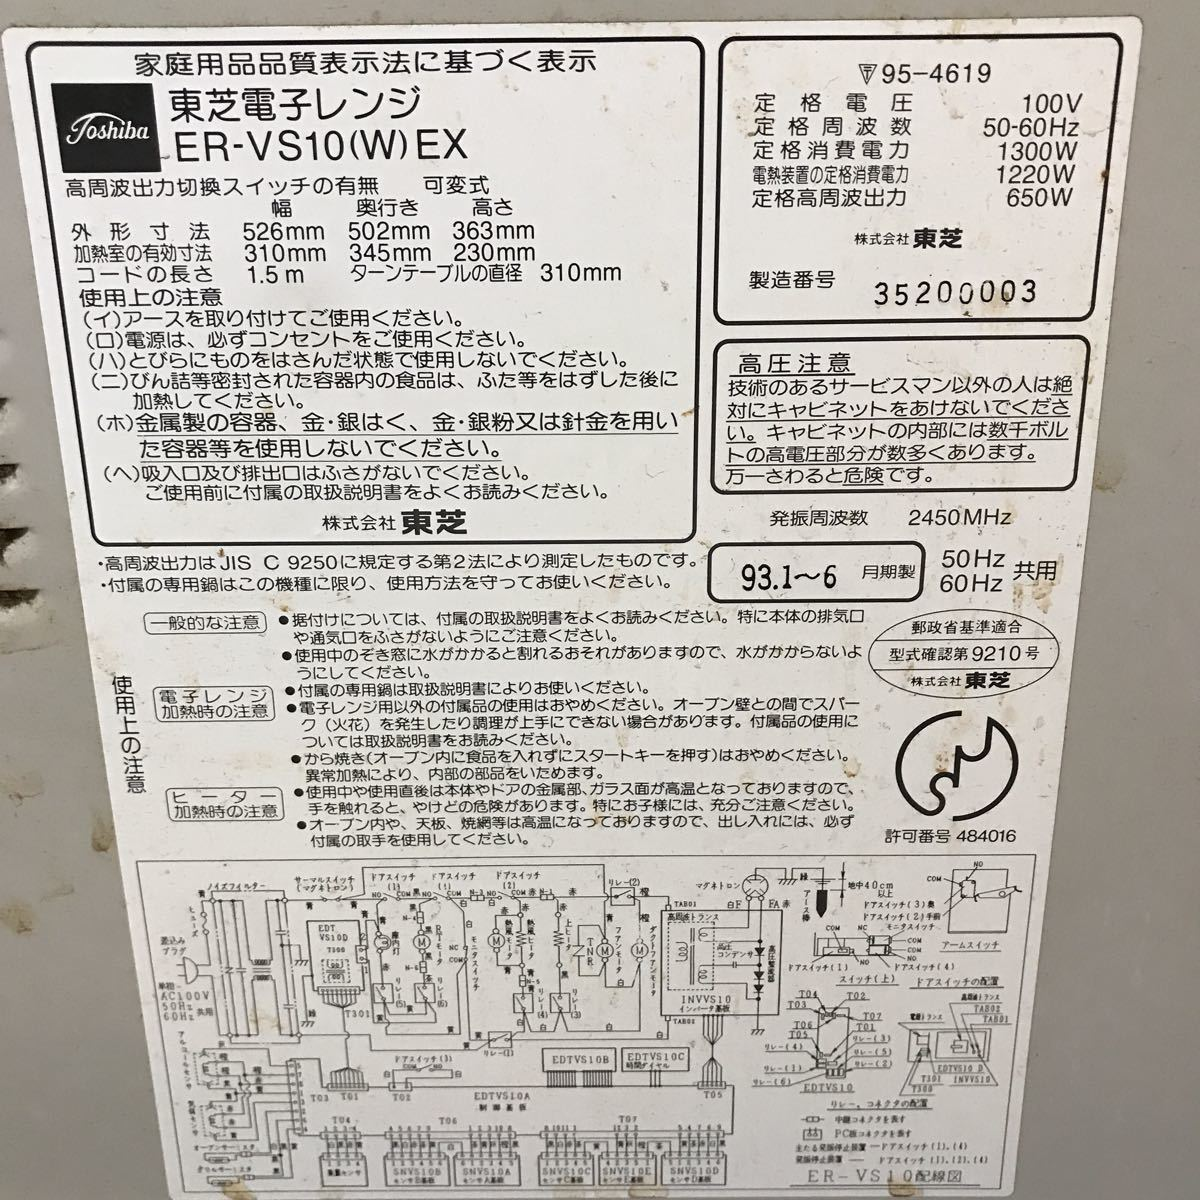 東芝★TOSHIBA★オーブンレンジ★ER-VS10(w)EX★ジャンク_画像2